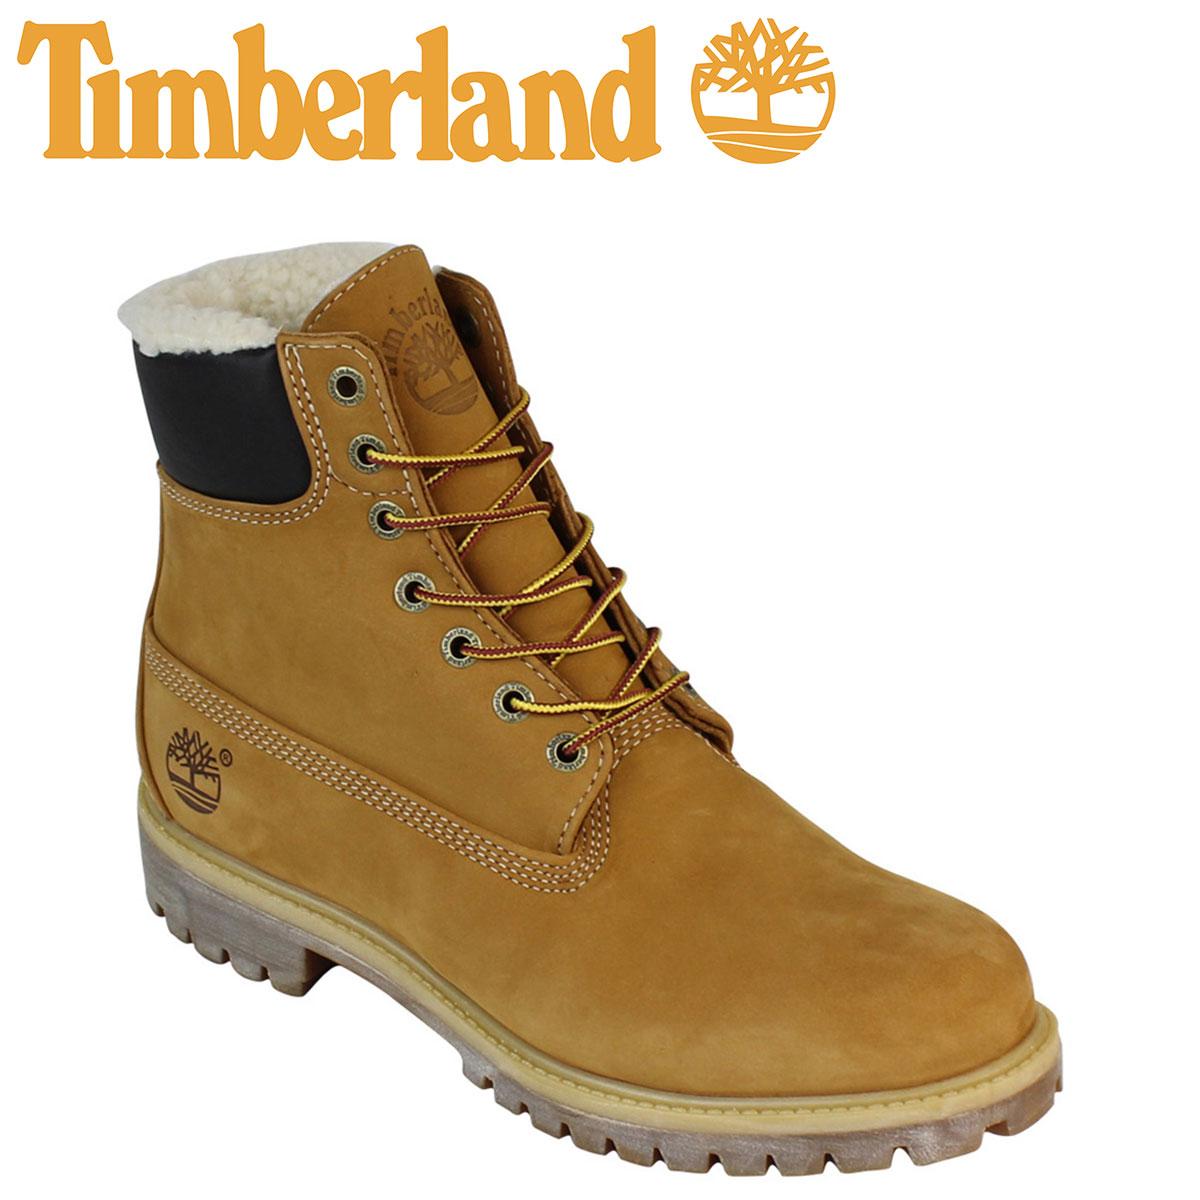 【最大2000円OFFクーポン】 ティンバーランド ブーツ メンズ 6インチ Timberland 6INCH WARM LINED BOOTS 6インチ ウォーム ラインド A13GA ウィート